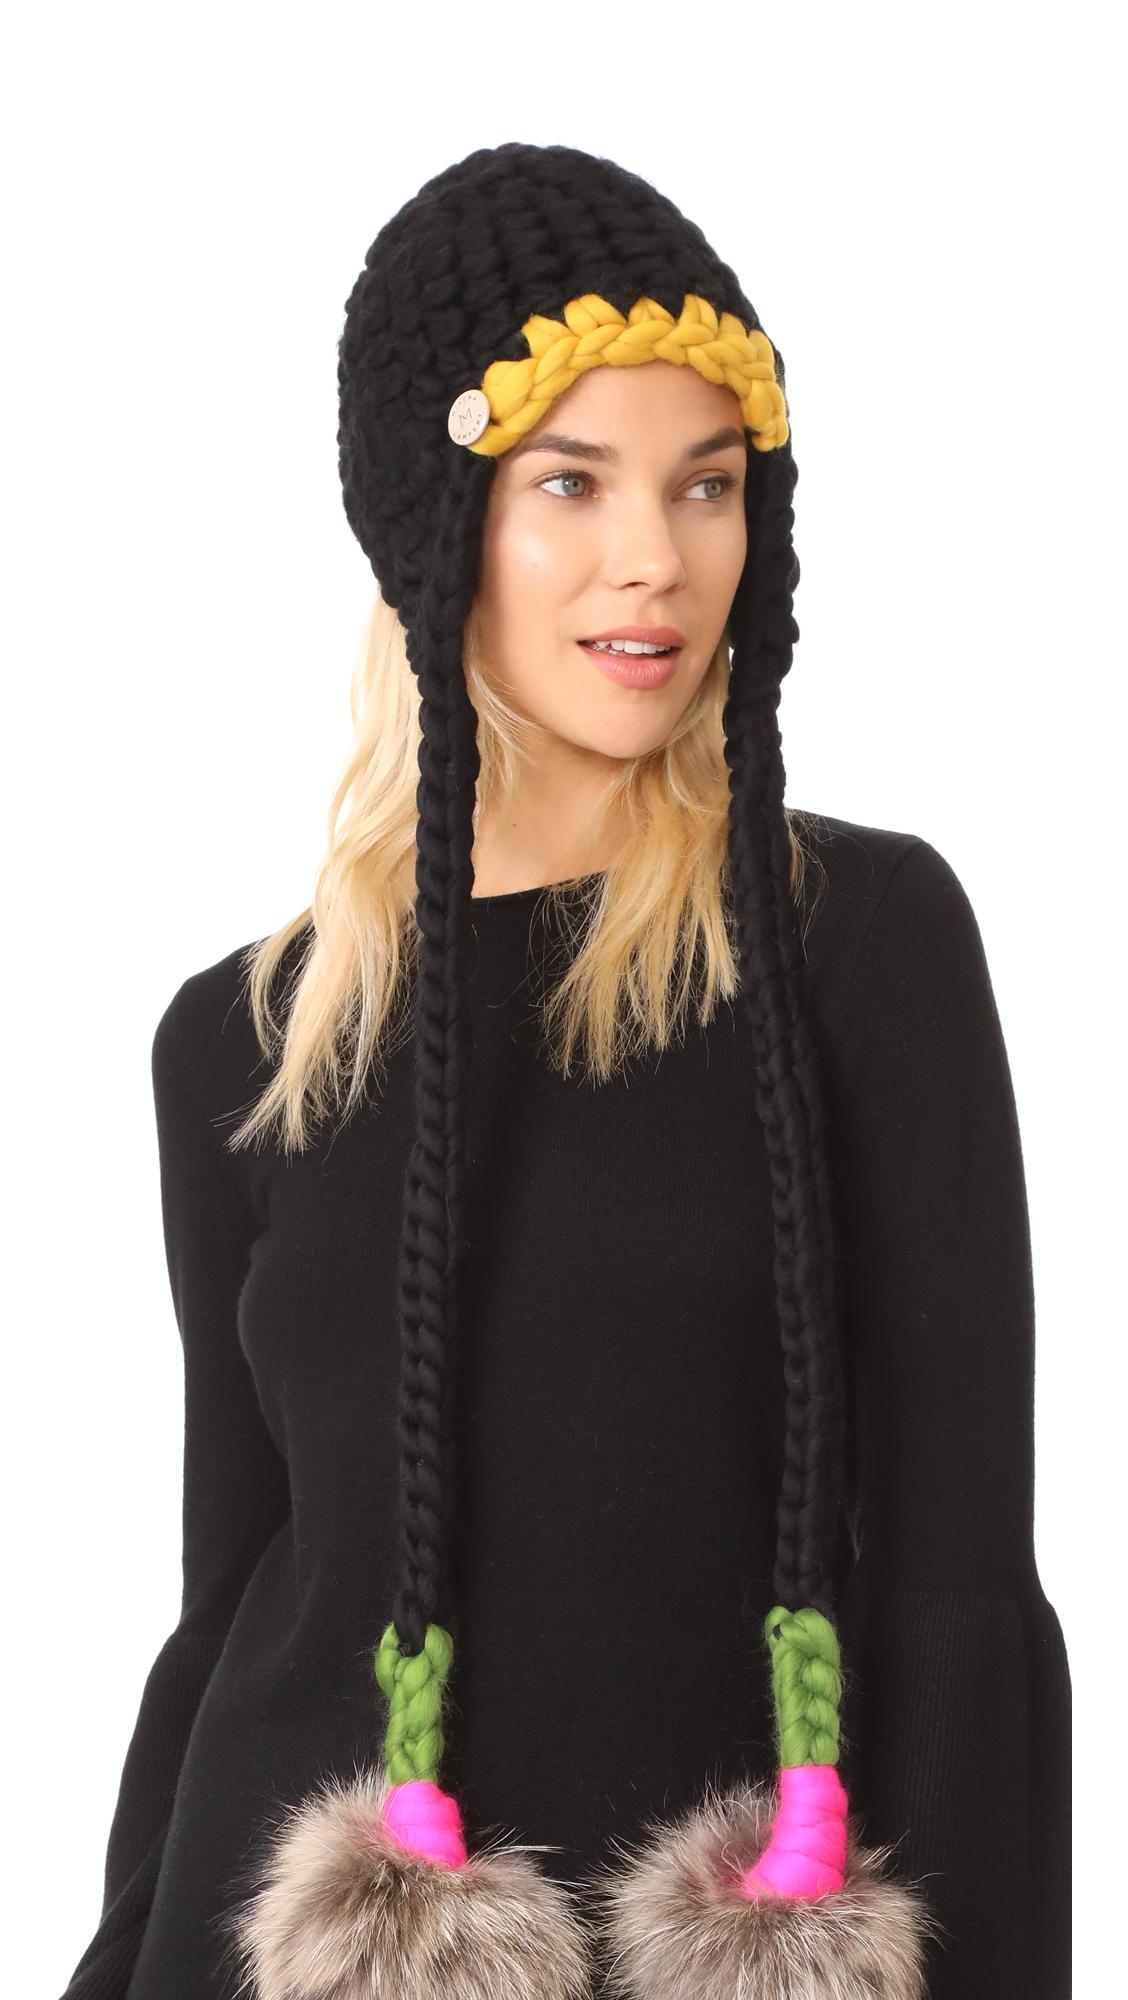 Mischa Lampert Nolita Hat - Black/Green/Magenta/Natural